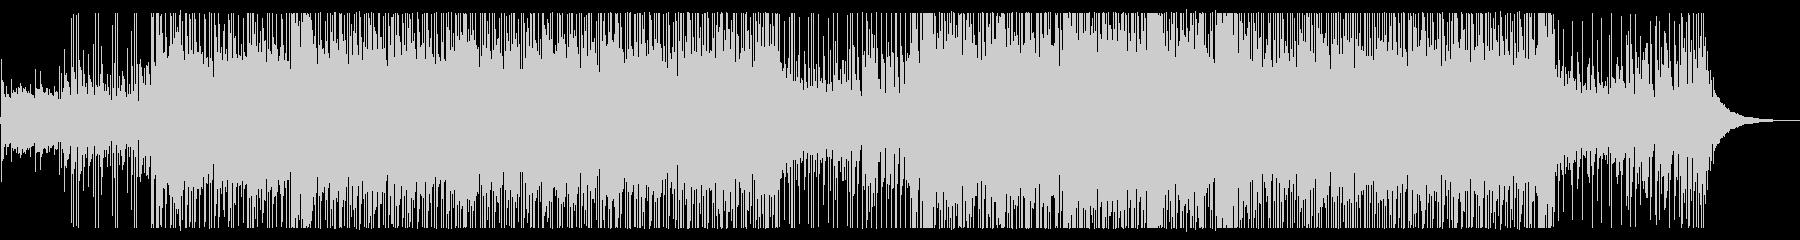 ピアノが心地よく響くオルタナ系バラードの未再生の波形